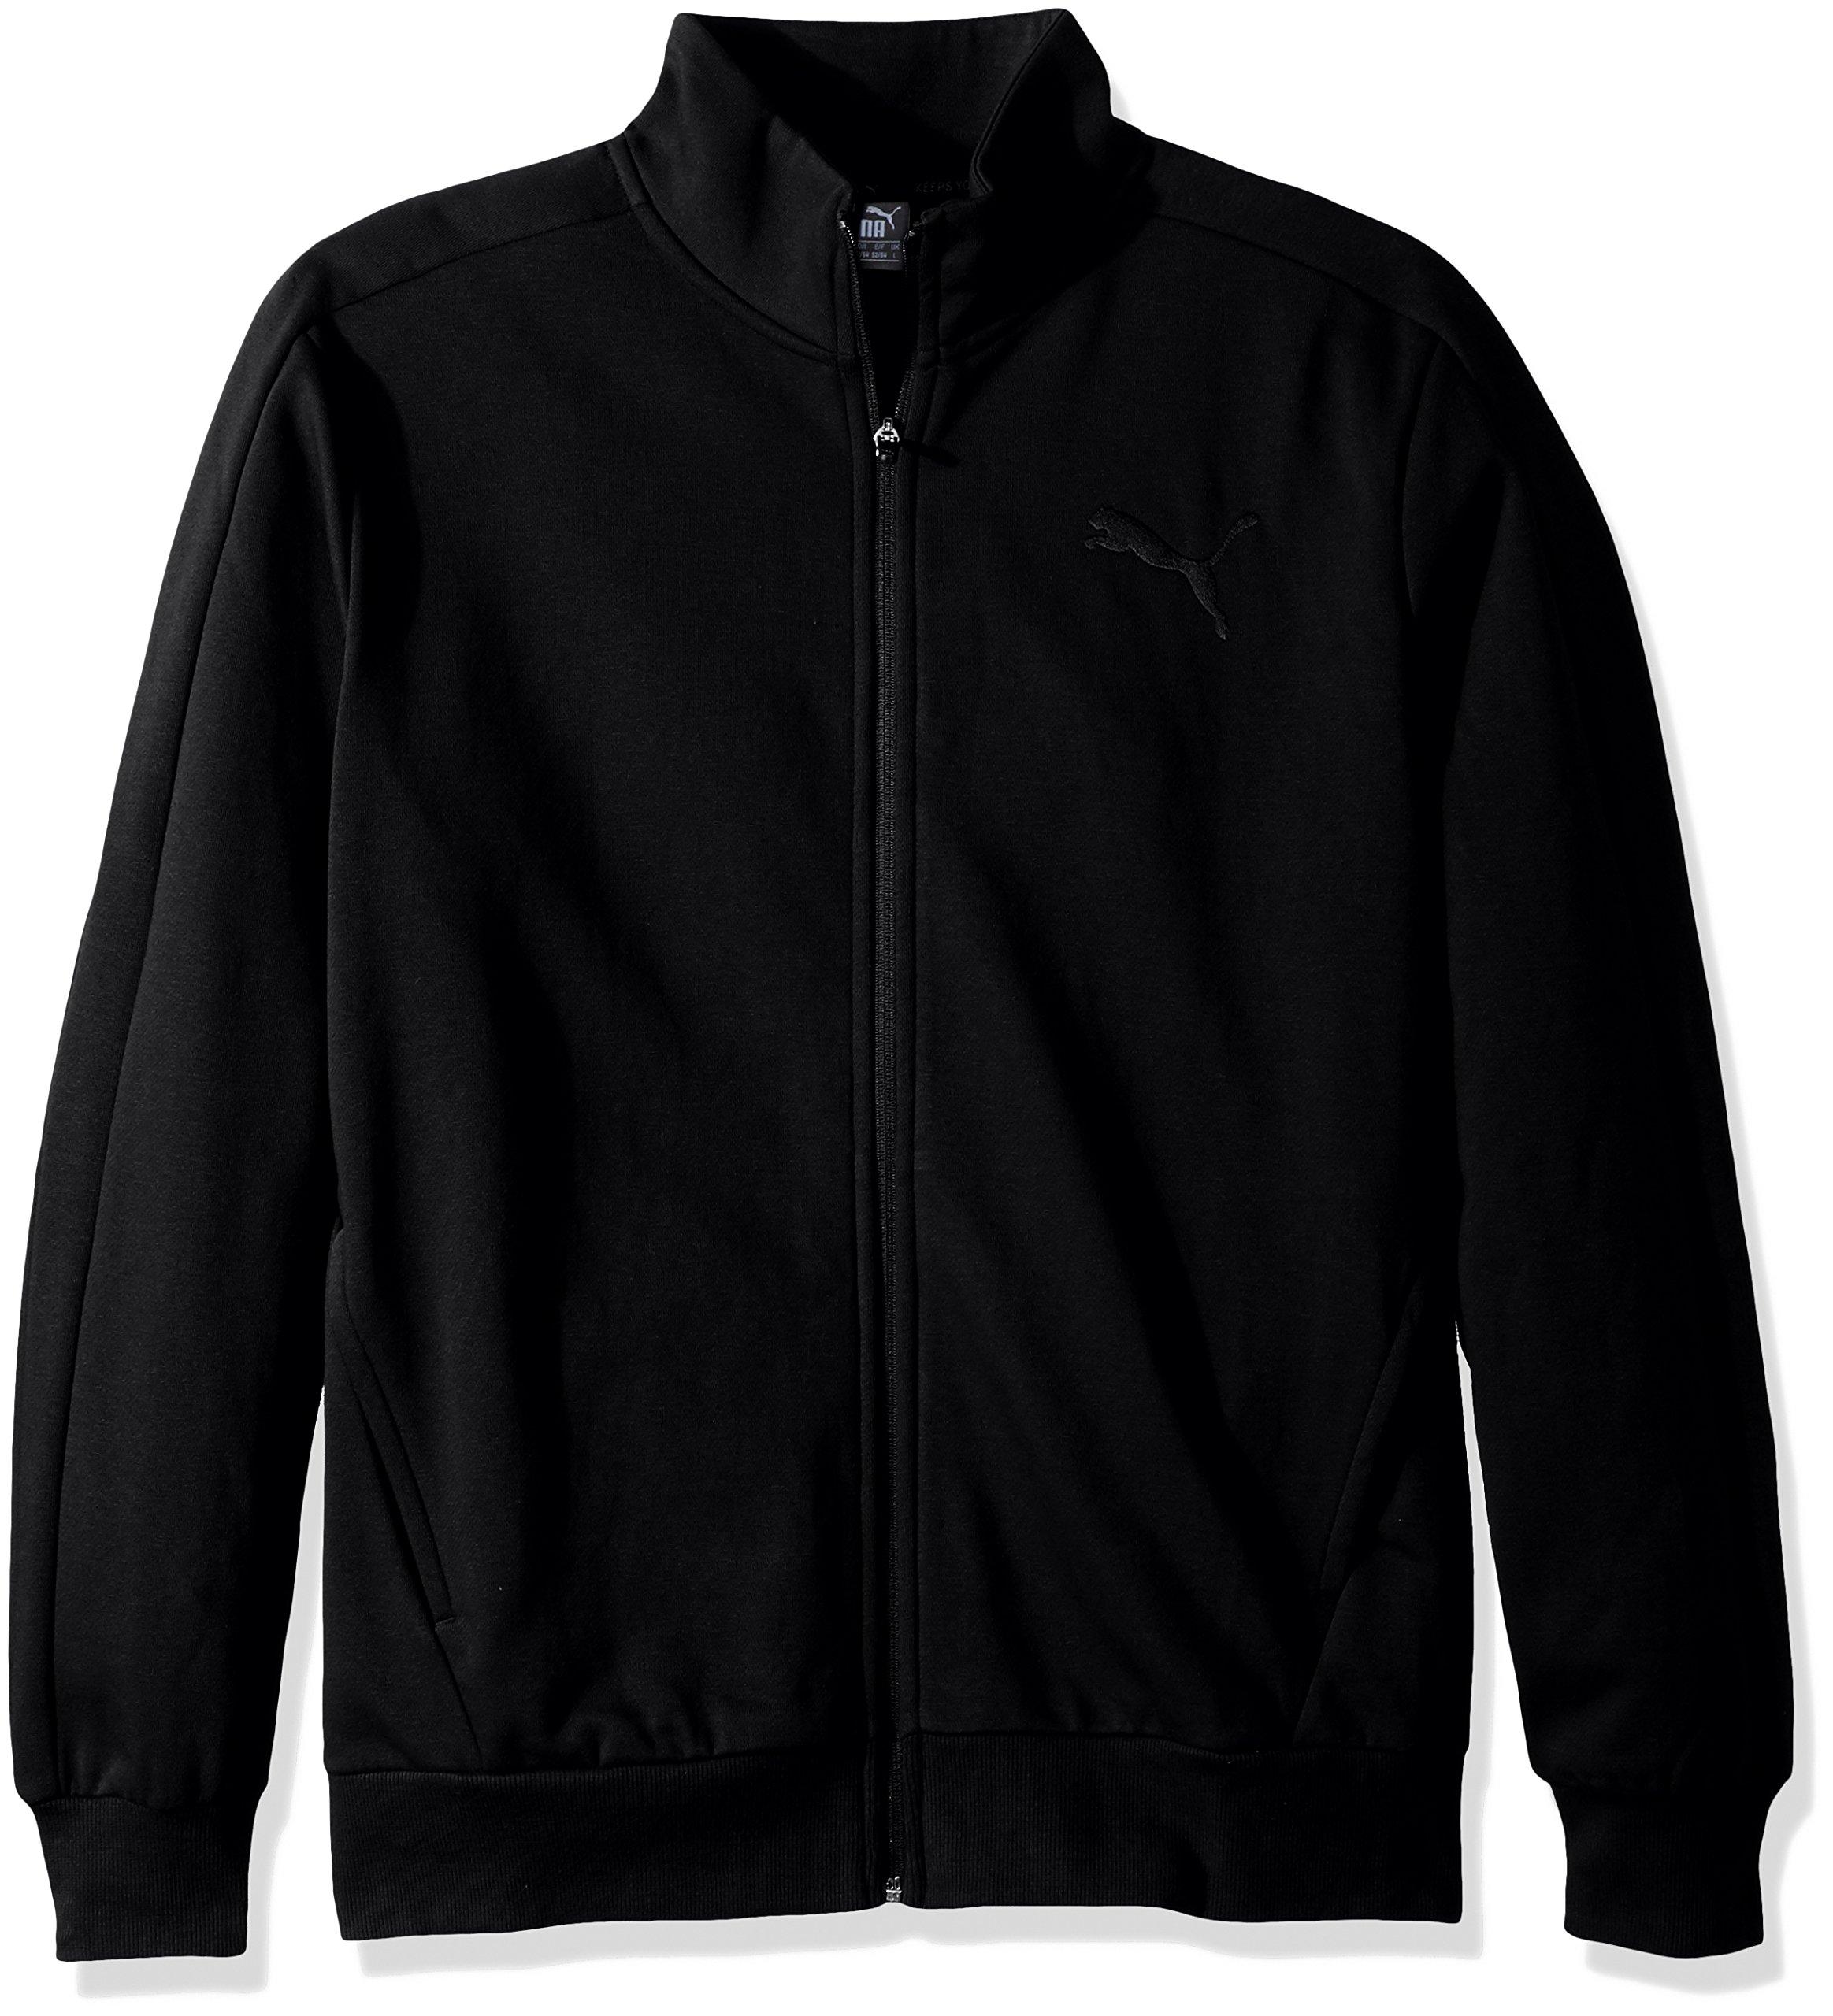 PUMA Men's P48 Core Track Jacket, Cotton Black, S by PUMA